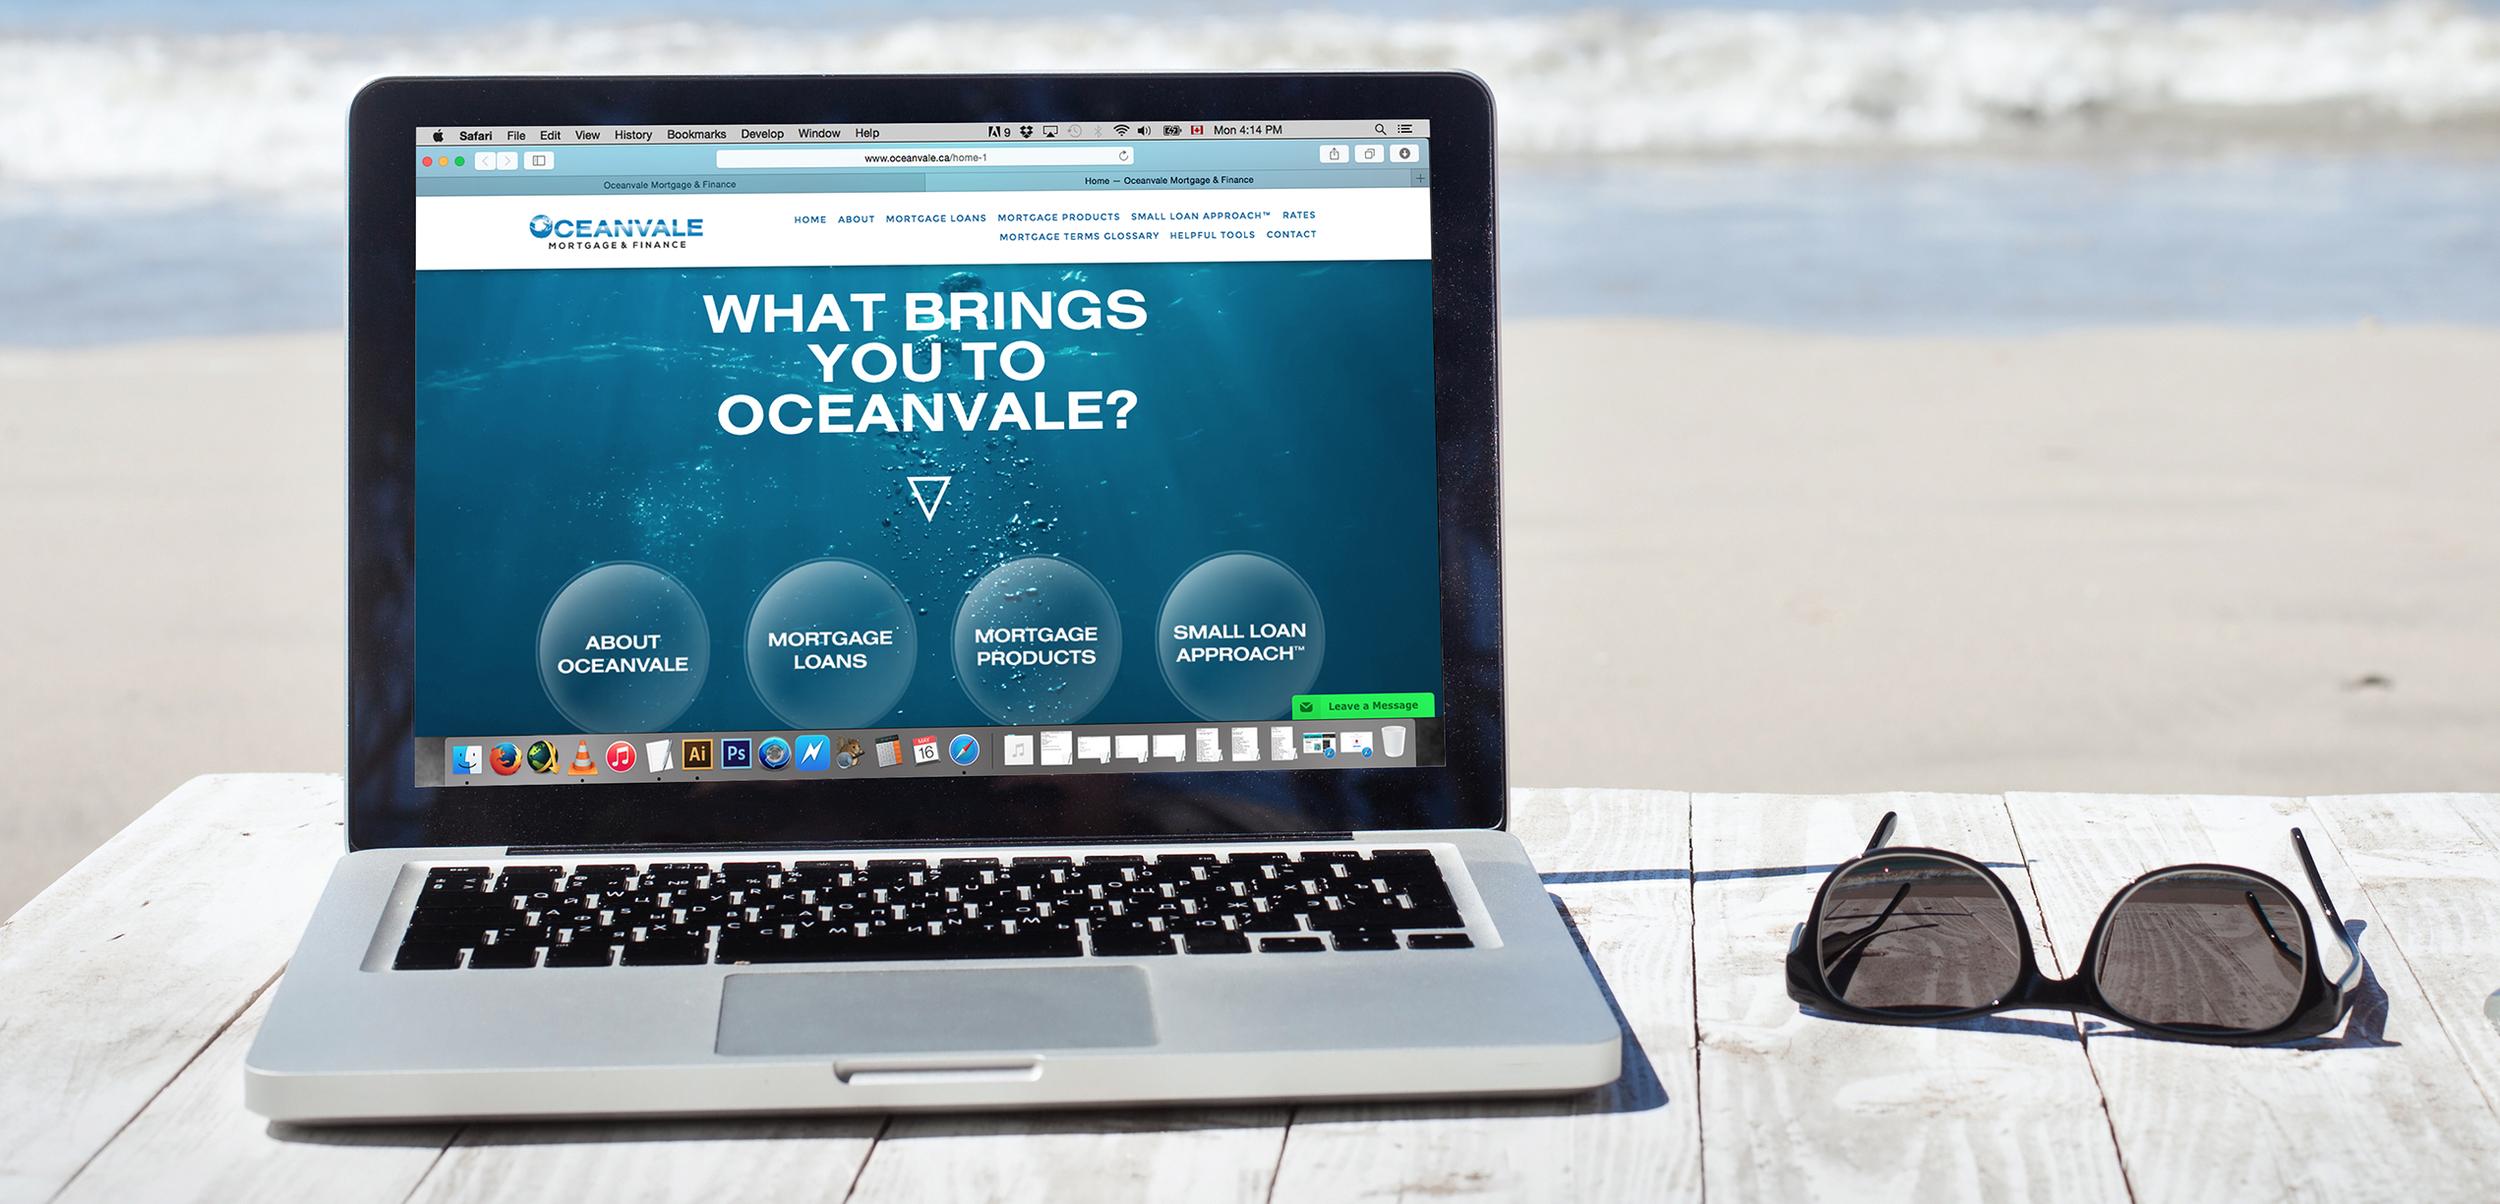 039_Oceanvale.jpg